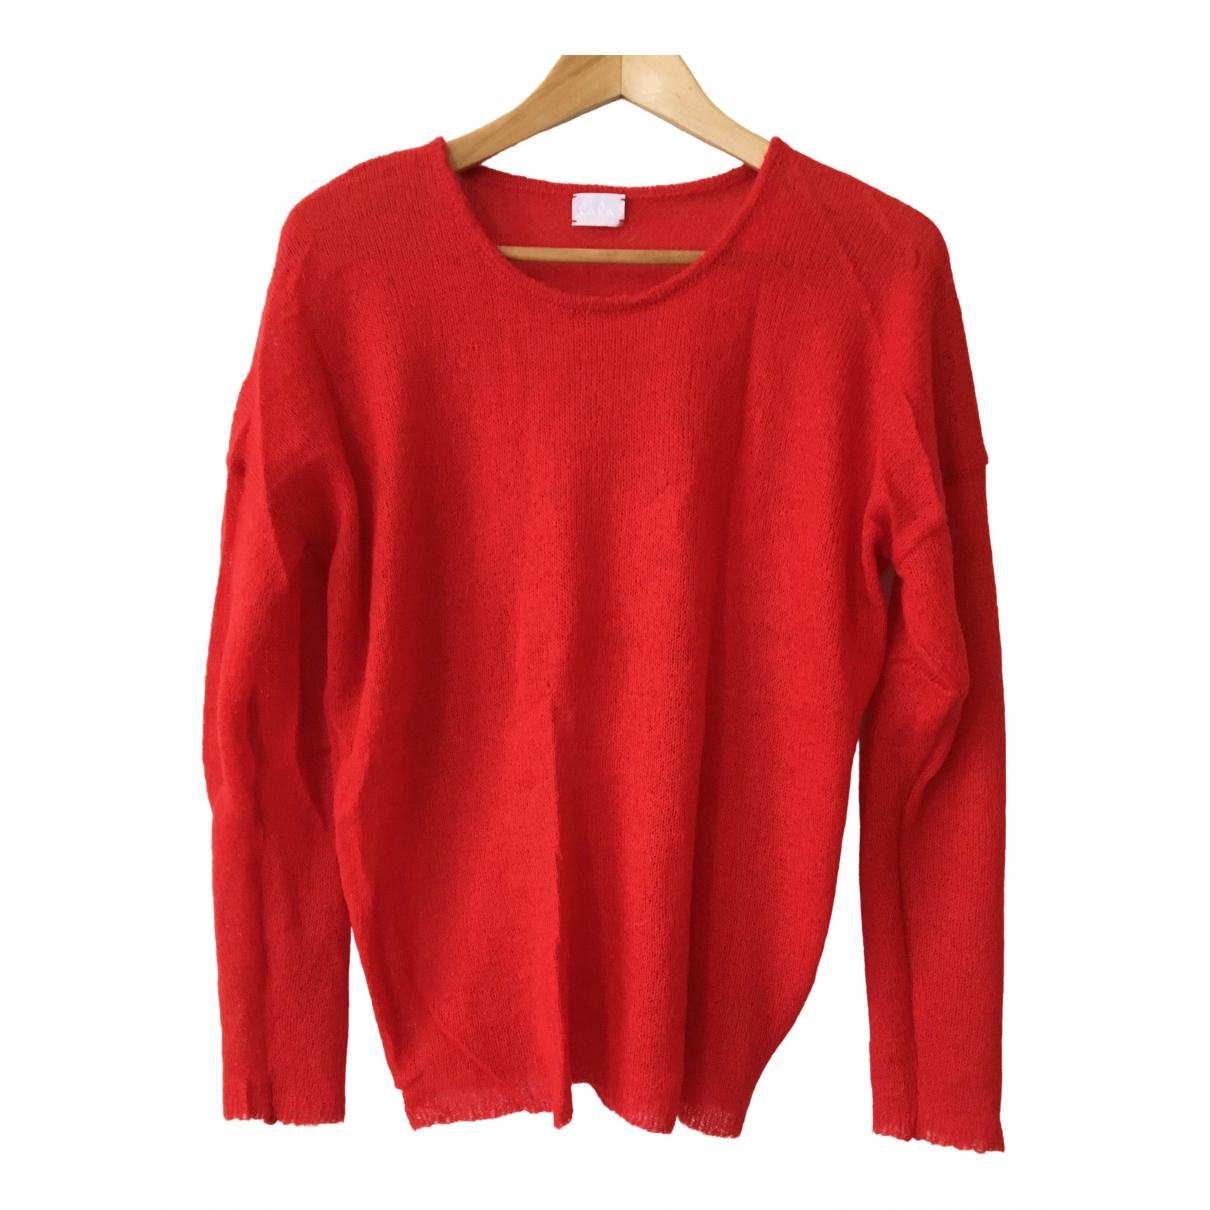 Lala Berlin \N Red Wool Knitwear for Women S International